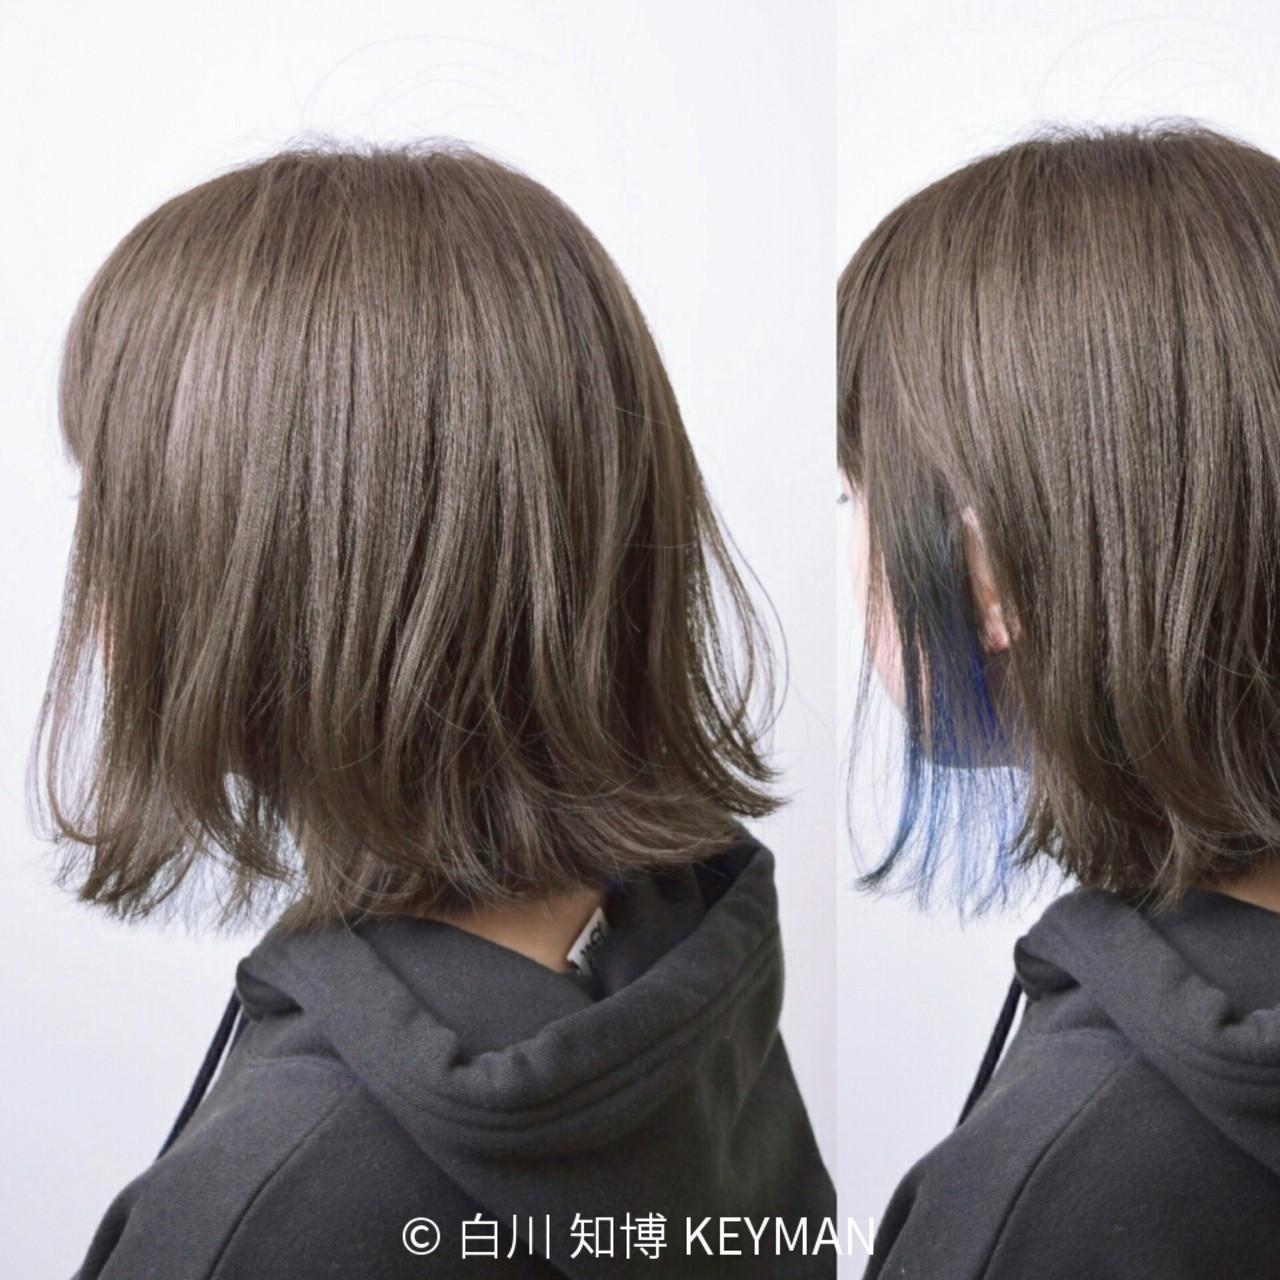 色気 ショート ストリート ミルクティー ヘアスタイルや髪型の写真・画像